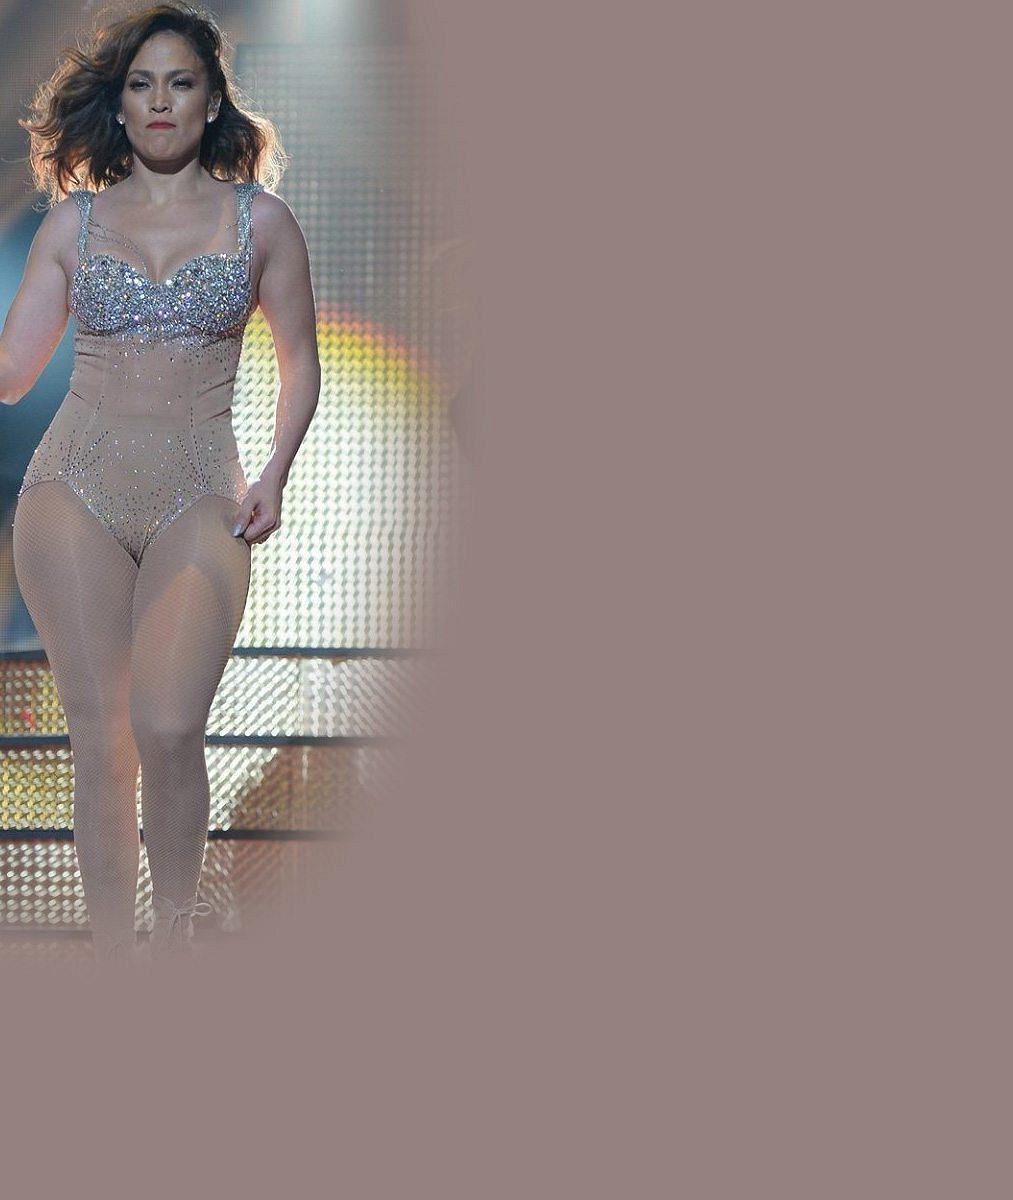 Jennifer Lopez (46) předváděla na pódiu psí kusy: Není divu, že jí těsný kostým vypověděl službu